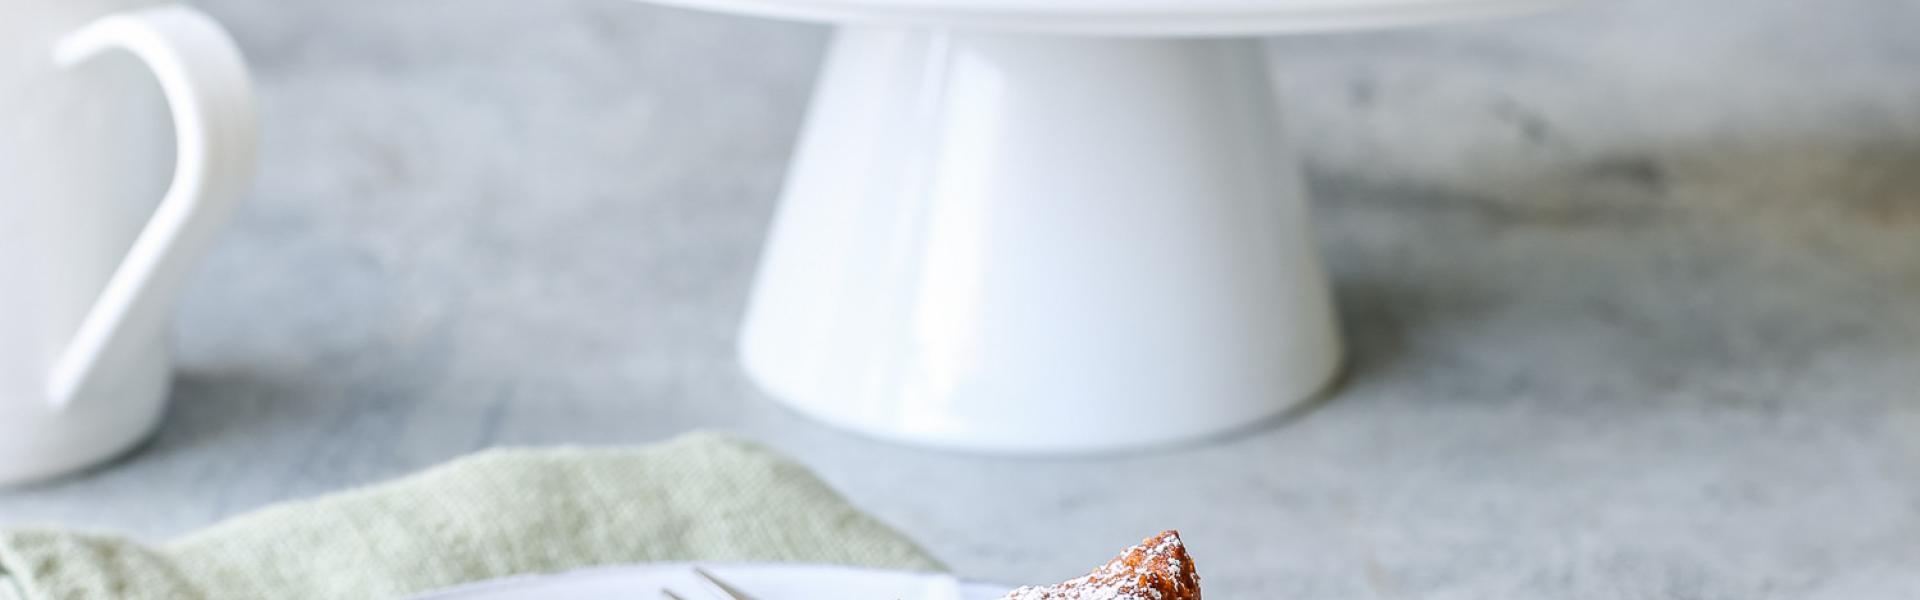 Karottenkuchen vegan angeschnitten auf einer Etagere. Davor ein Stück auf einem Teller.